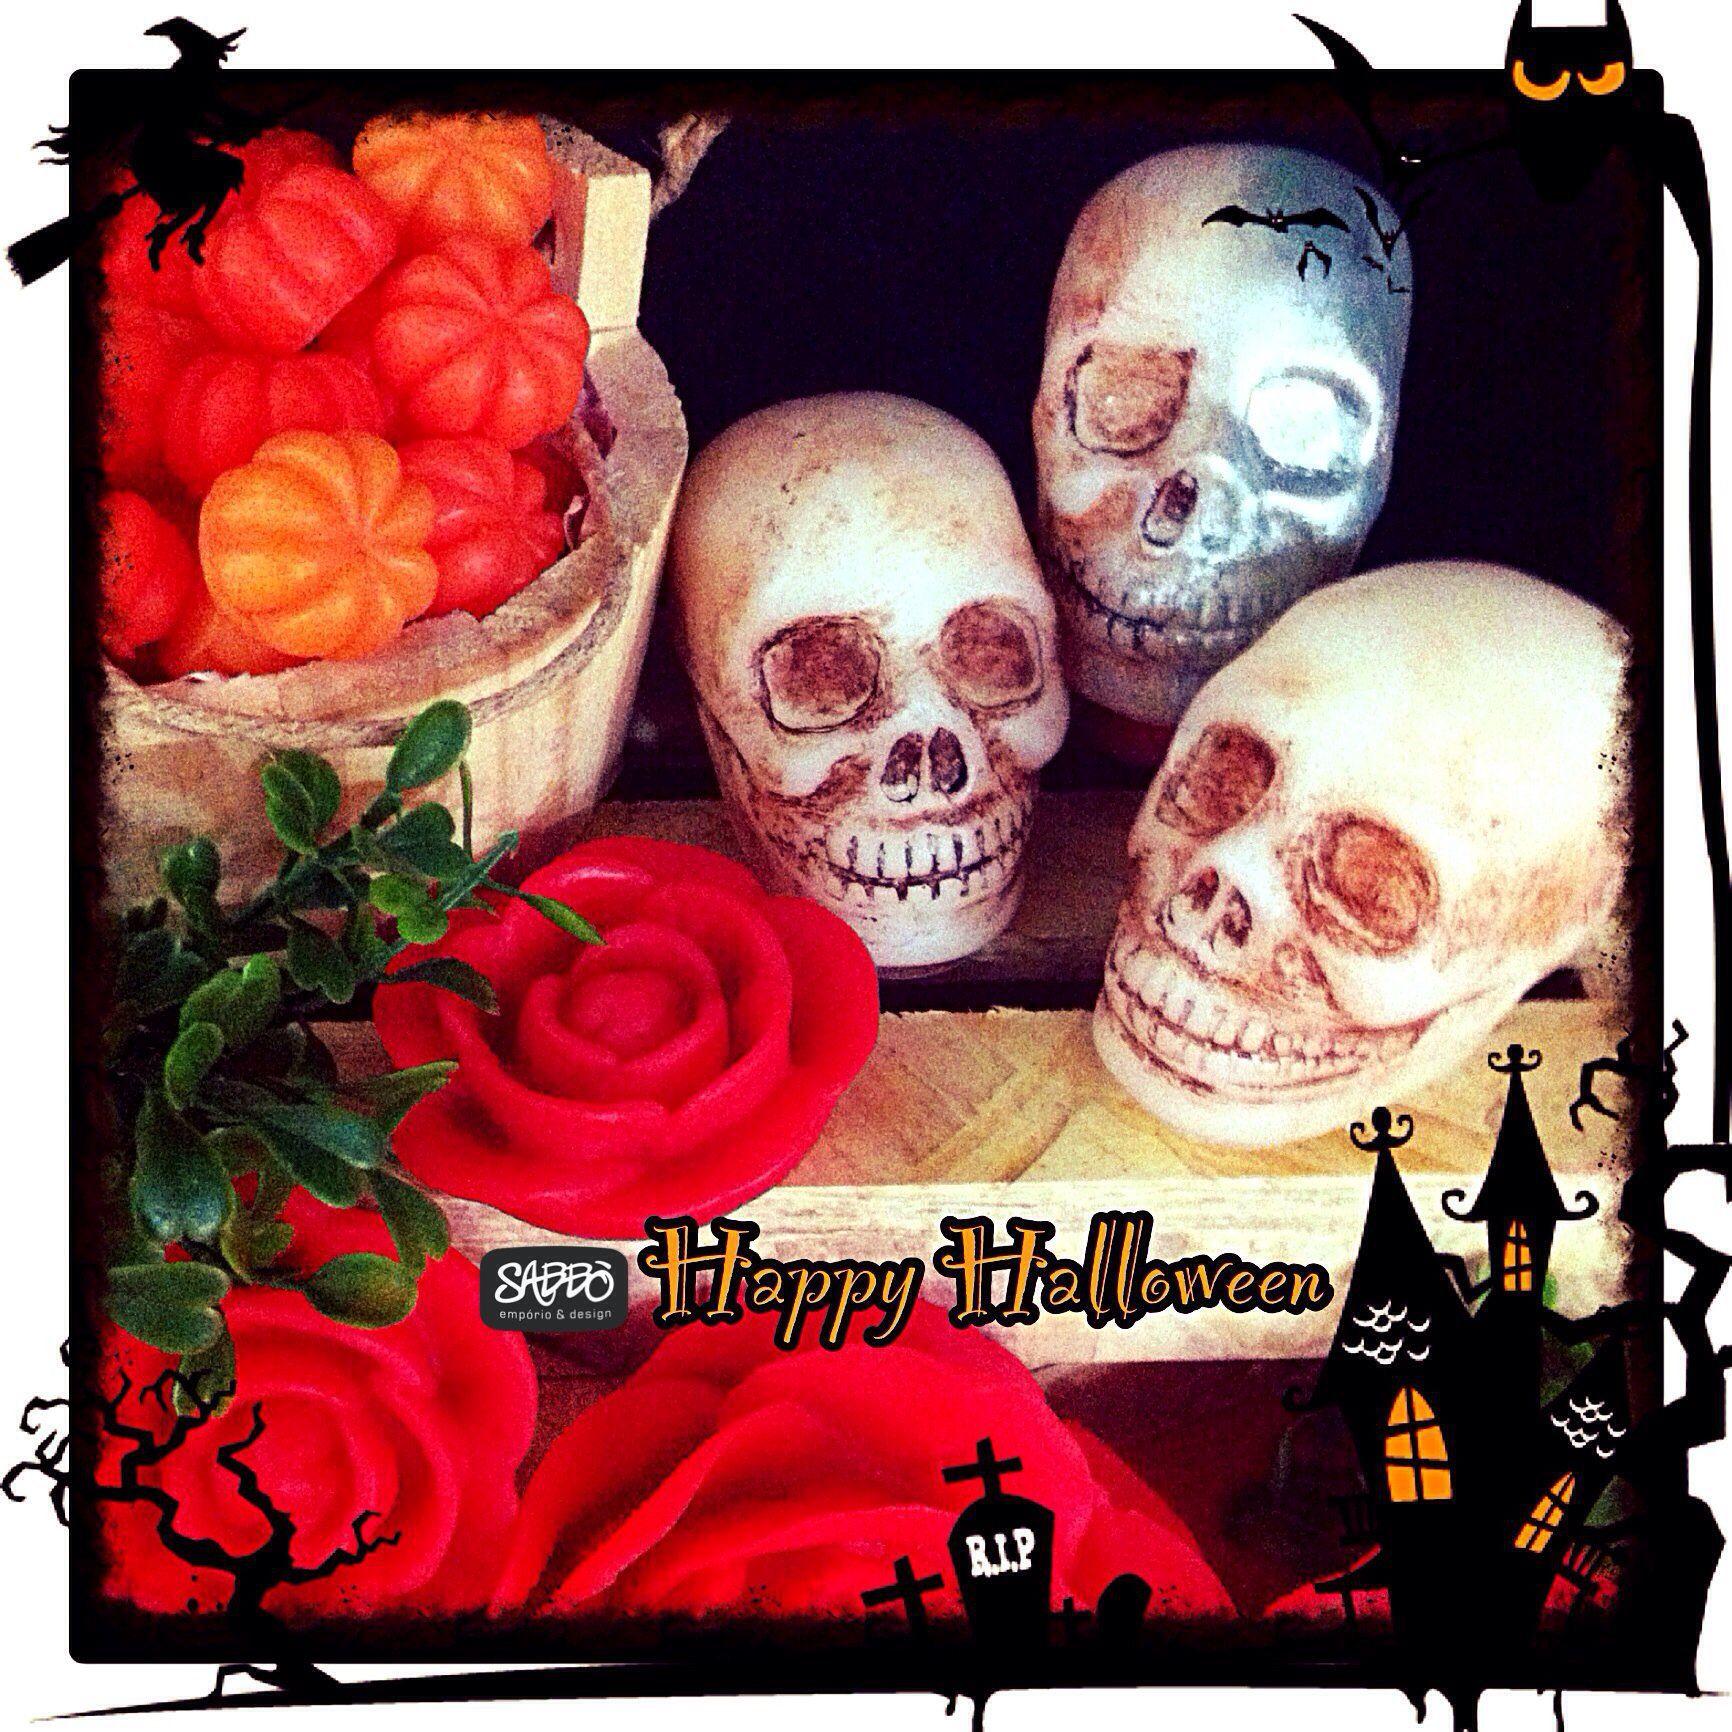 Happy Halloween. #halloween Sabonete #soap